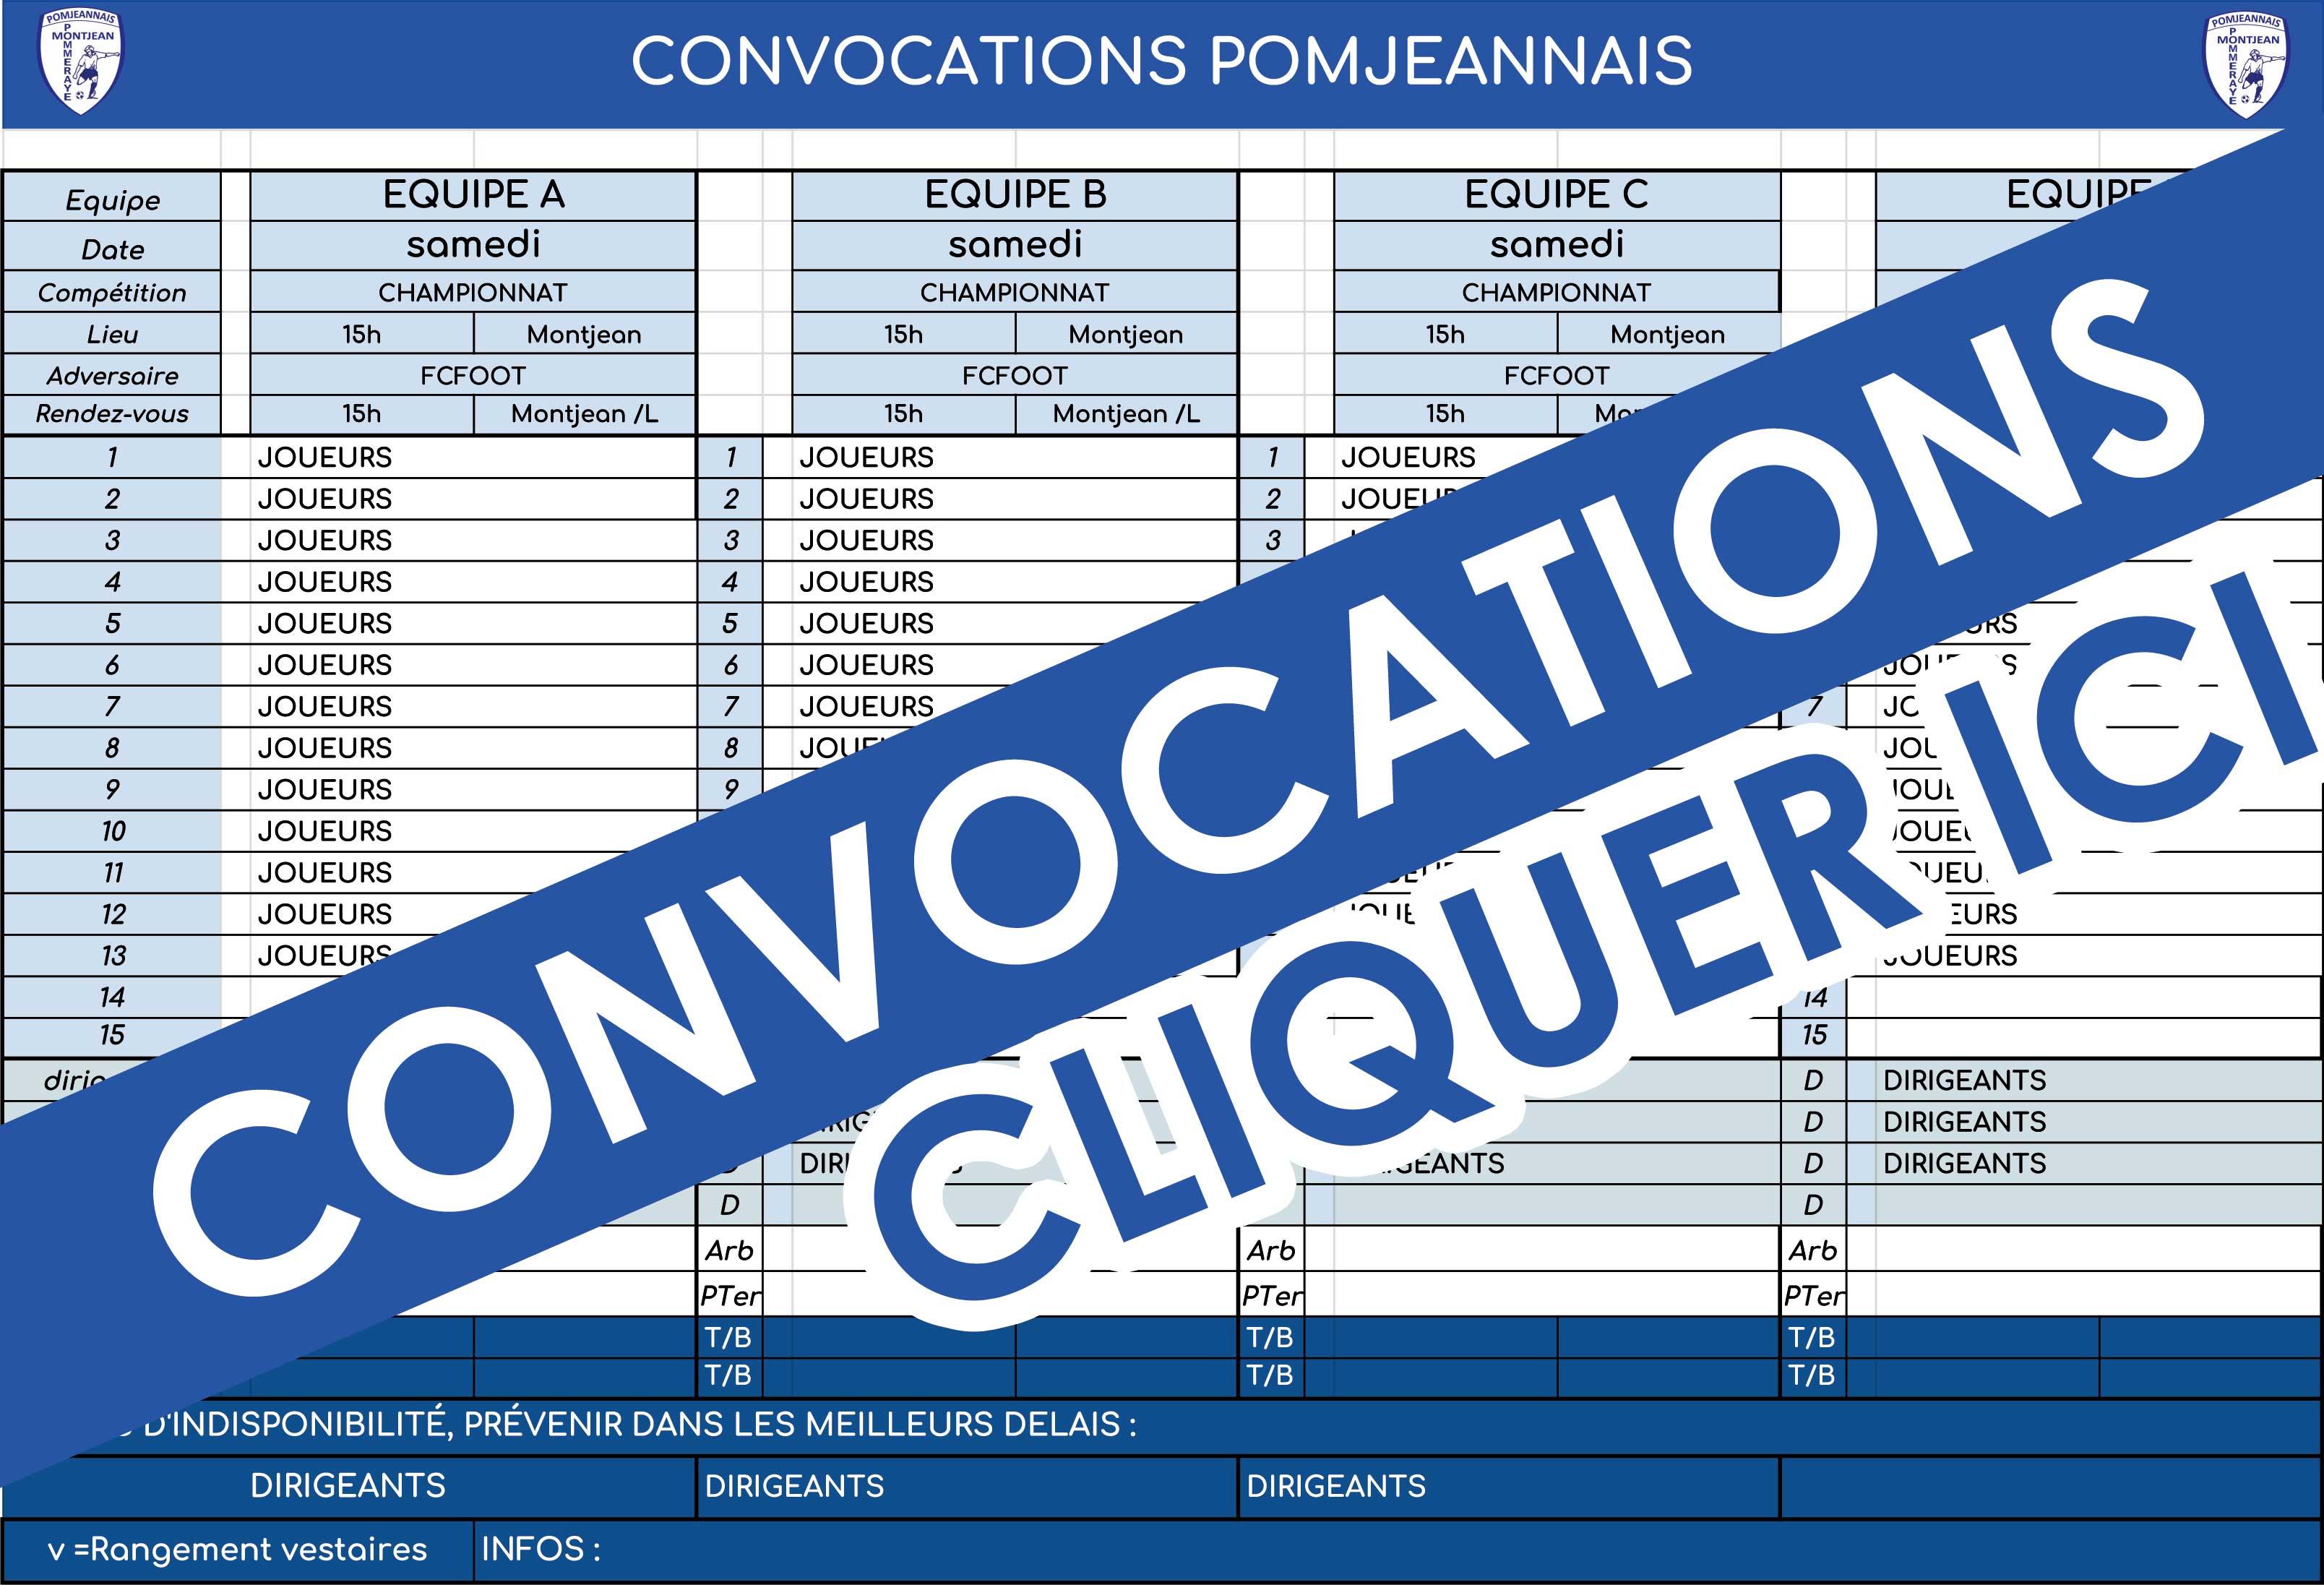 CONVOCS.jpg